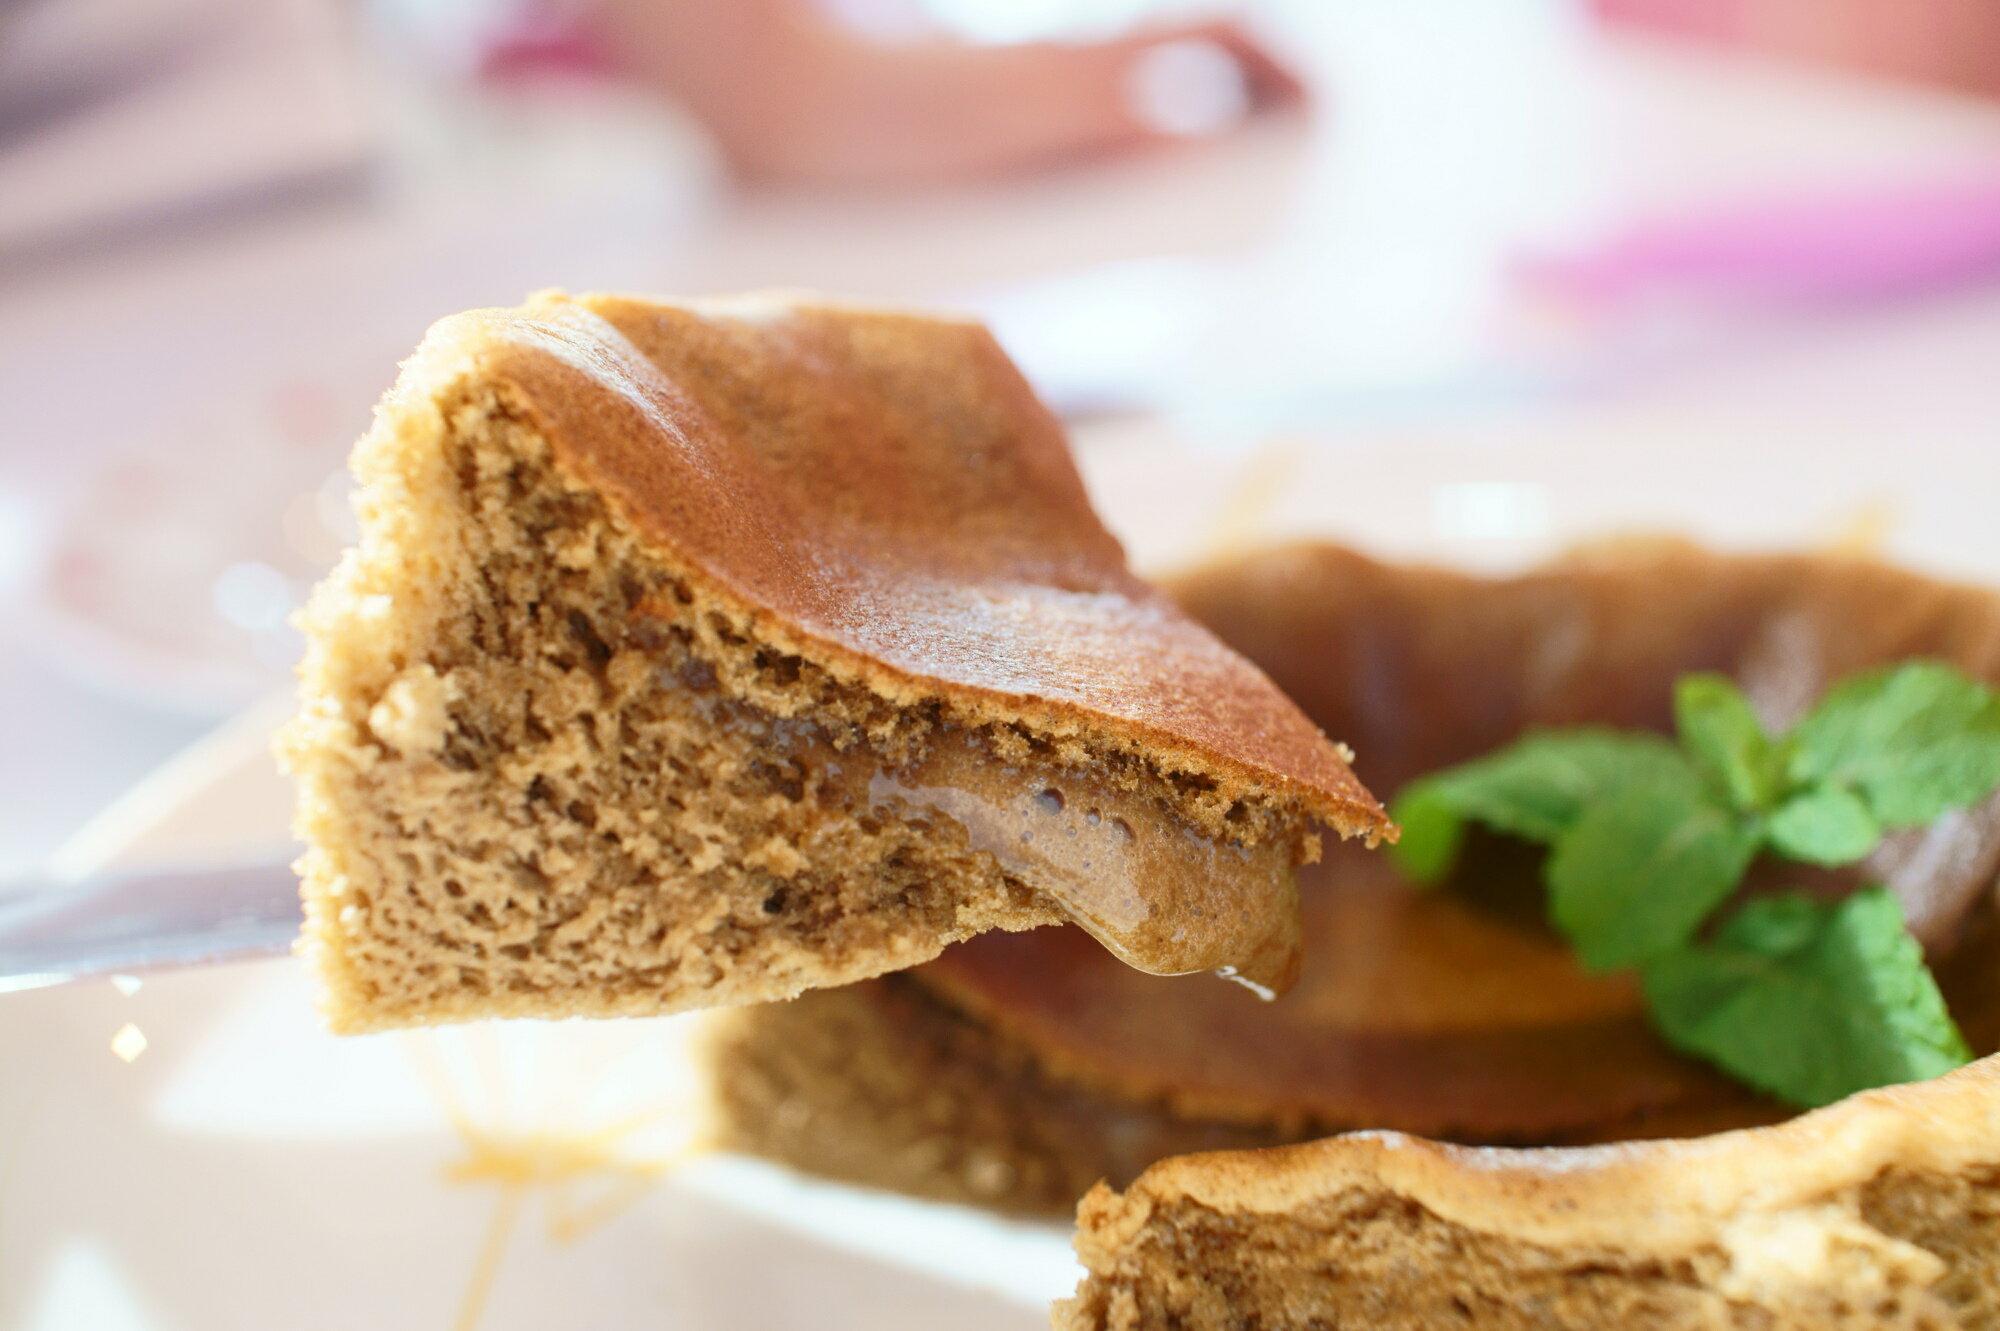 伯爵紅茶半熟蜂蜜蛋糕(6吋)